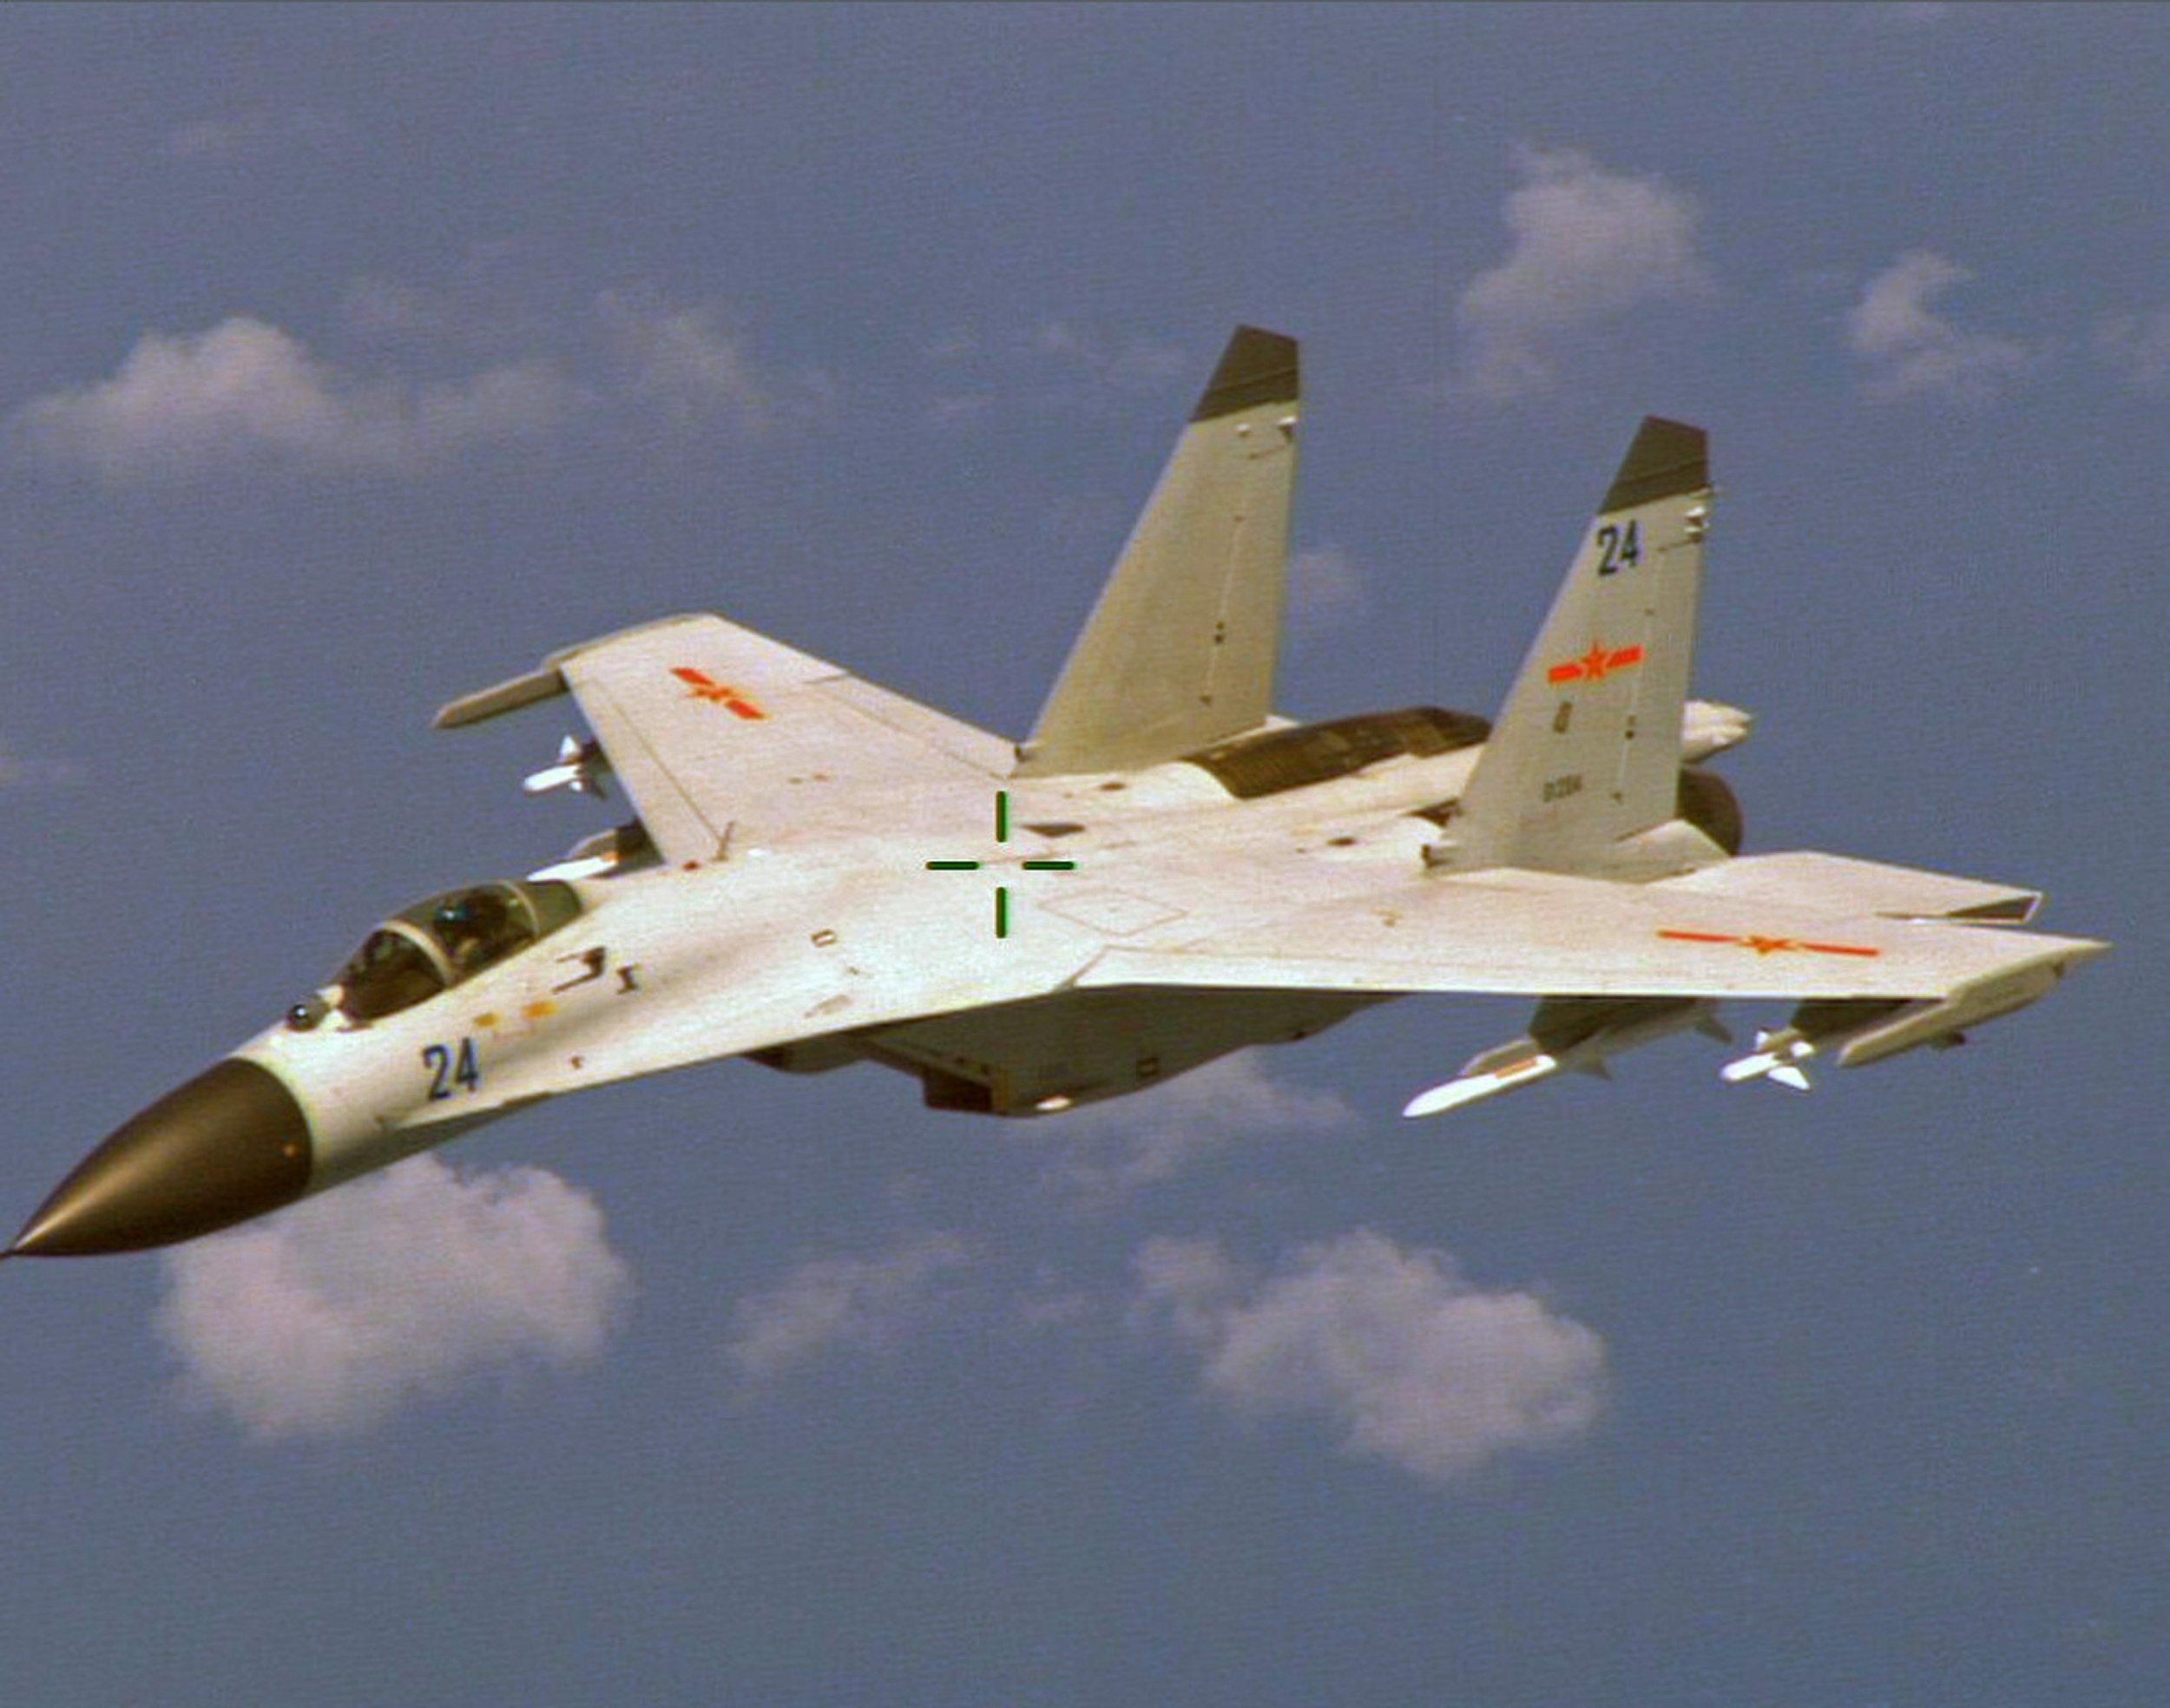 12_18_China_Jets